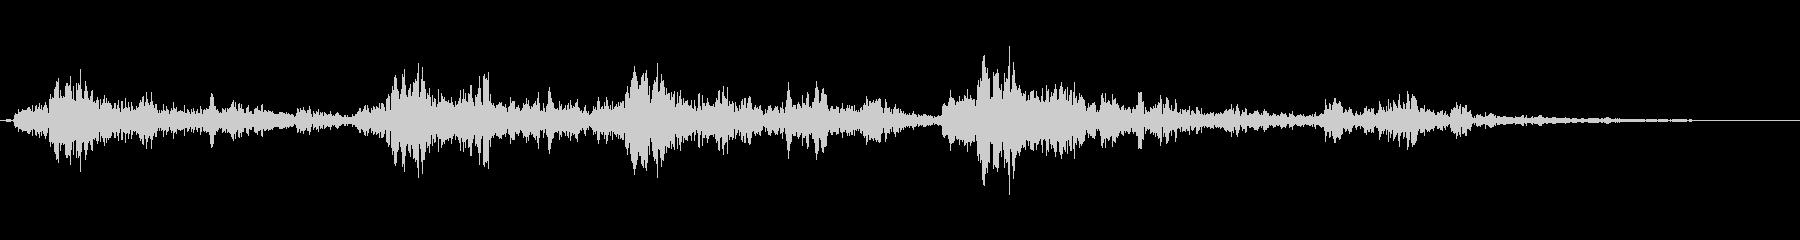 ドカーン(遠くで爆発している音)の未再生の波形